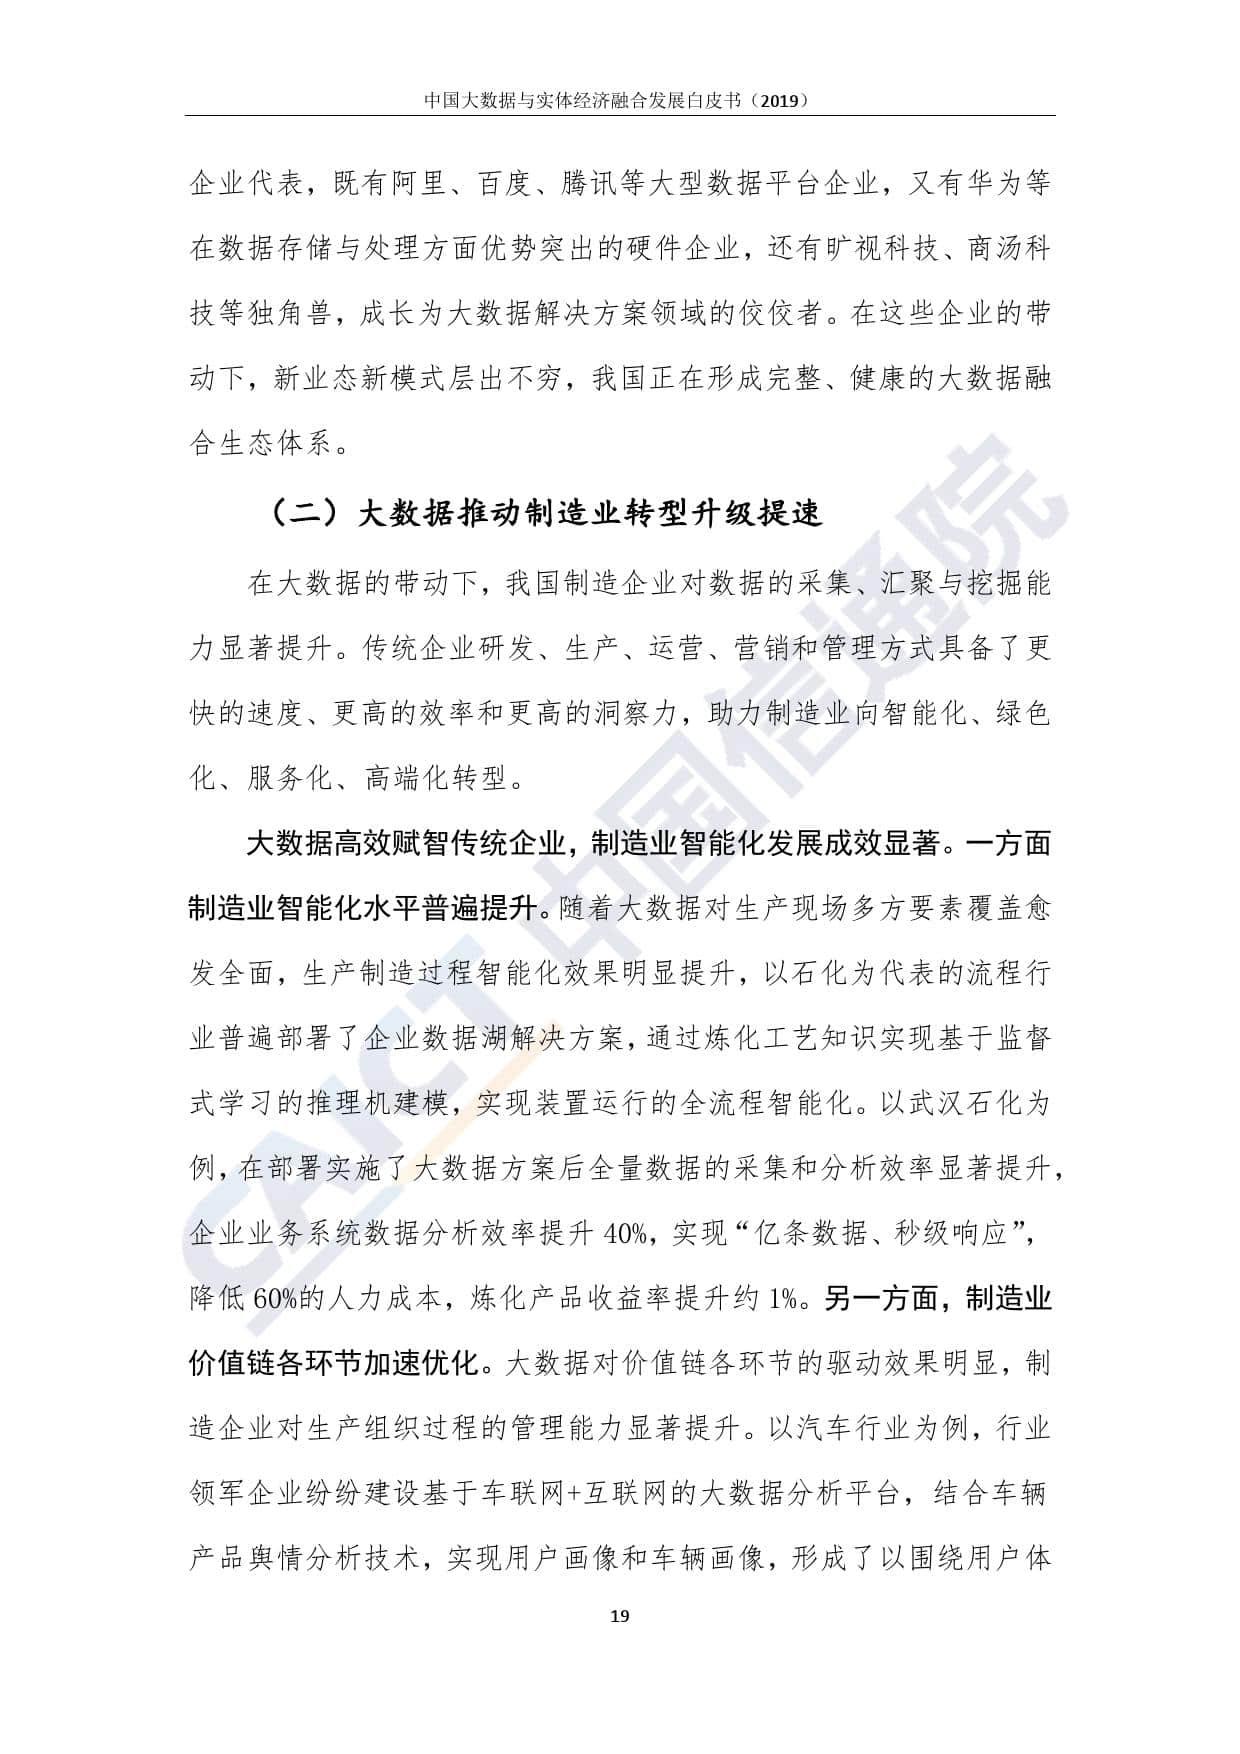 中国信息通信研究院:2019年中国大数据与实体经济融合发展白皮书(199it)